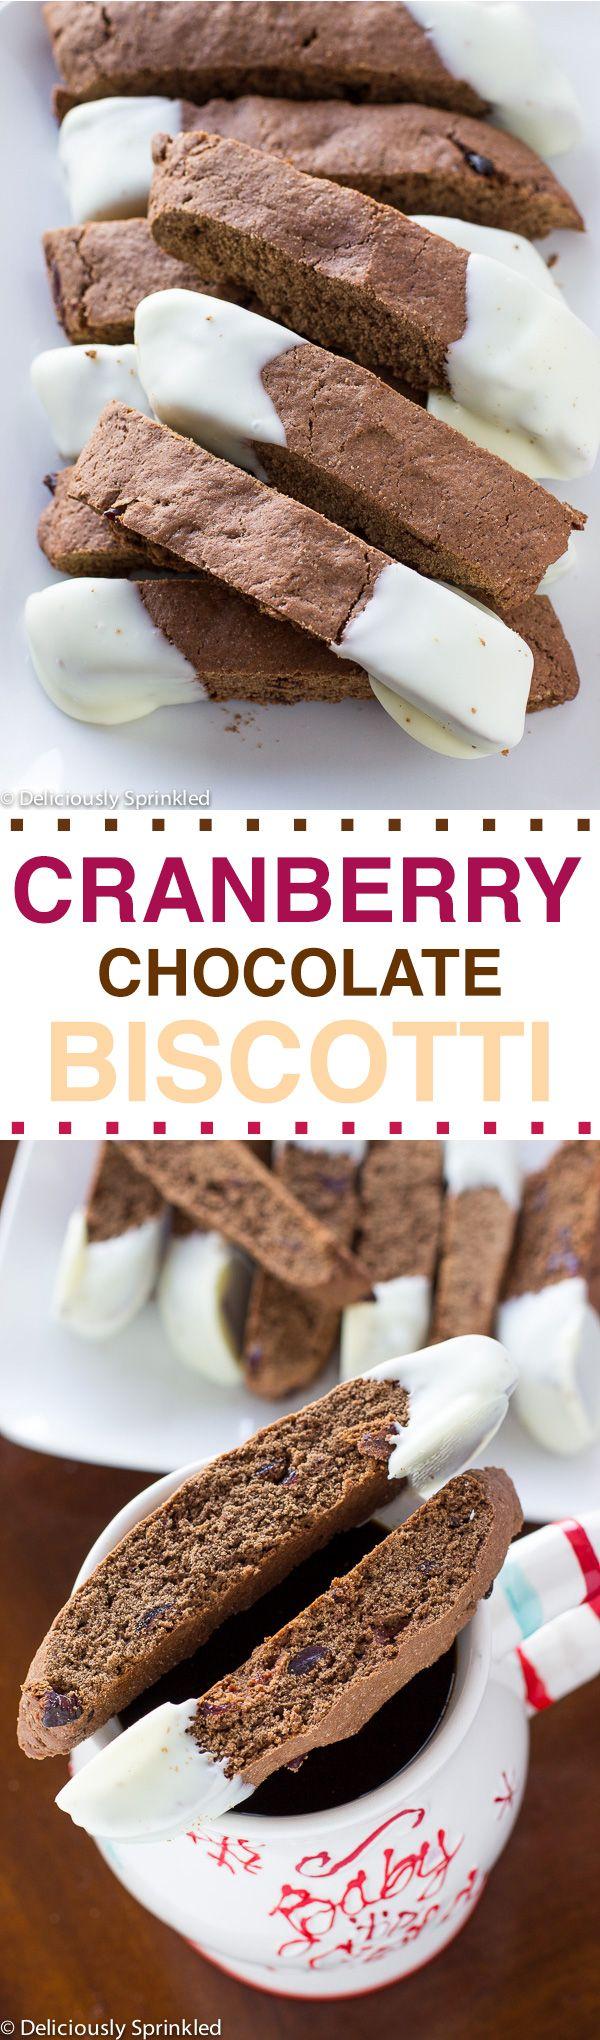 Deliciosas rodajas de biscotti de chocolate con crema, ideales para comer con una buena taza de chocolate.